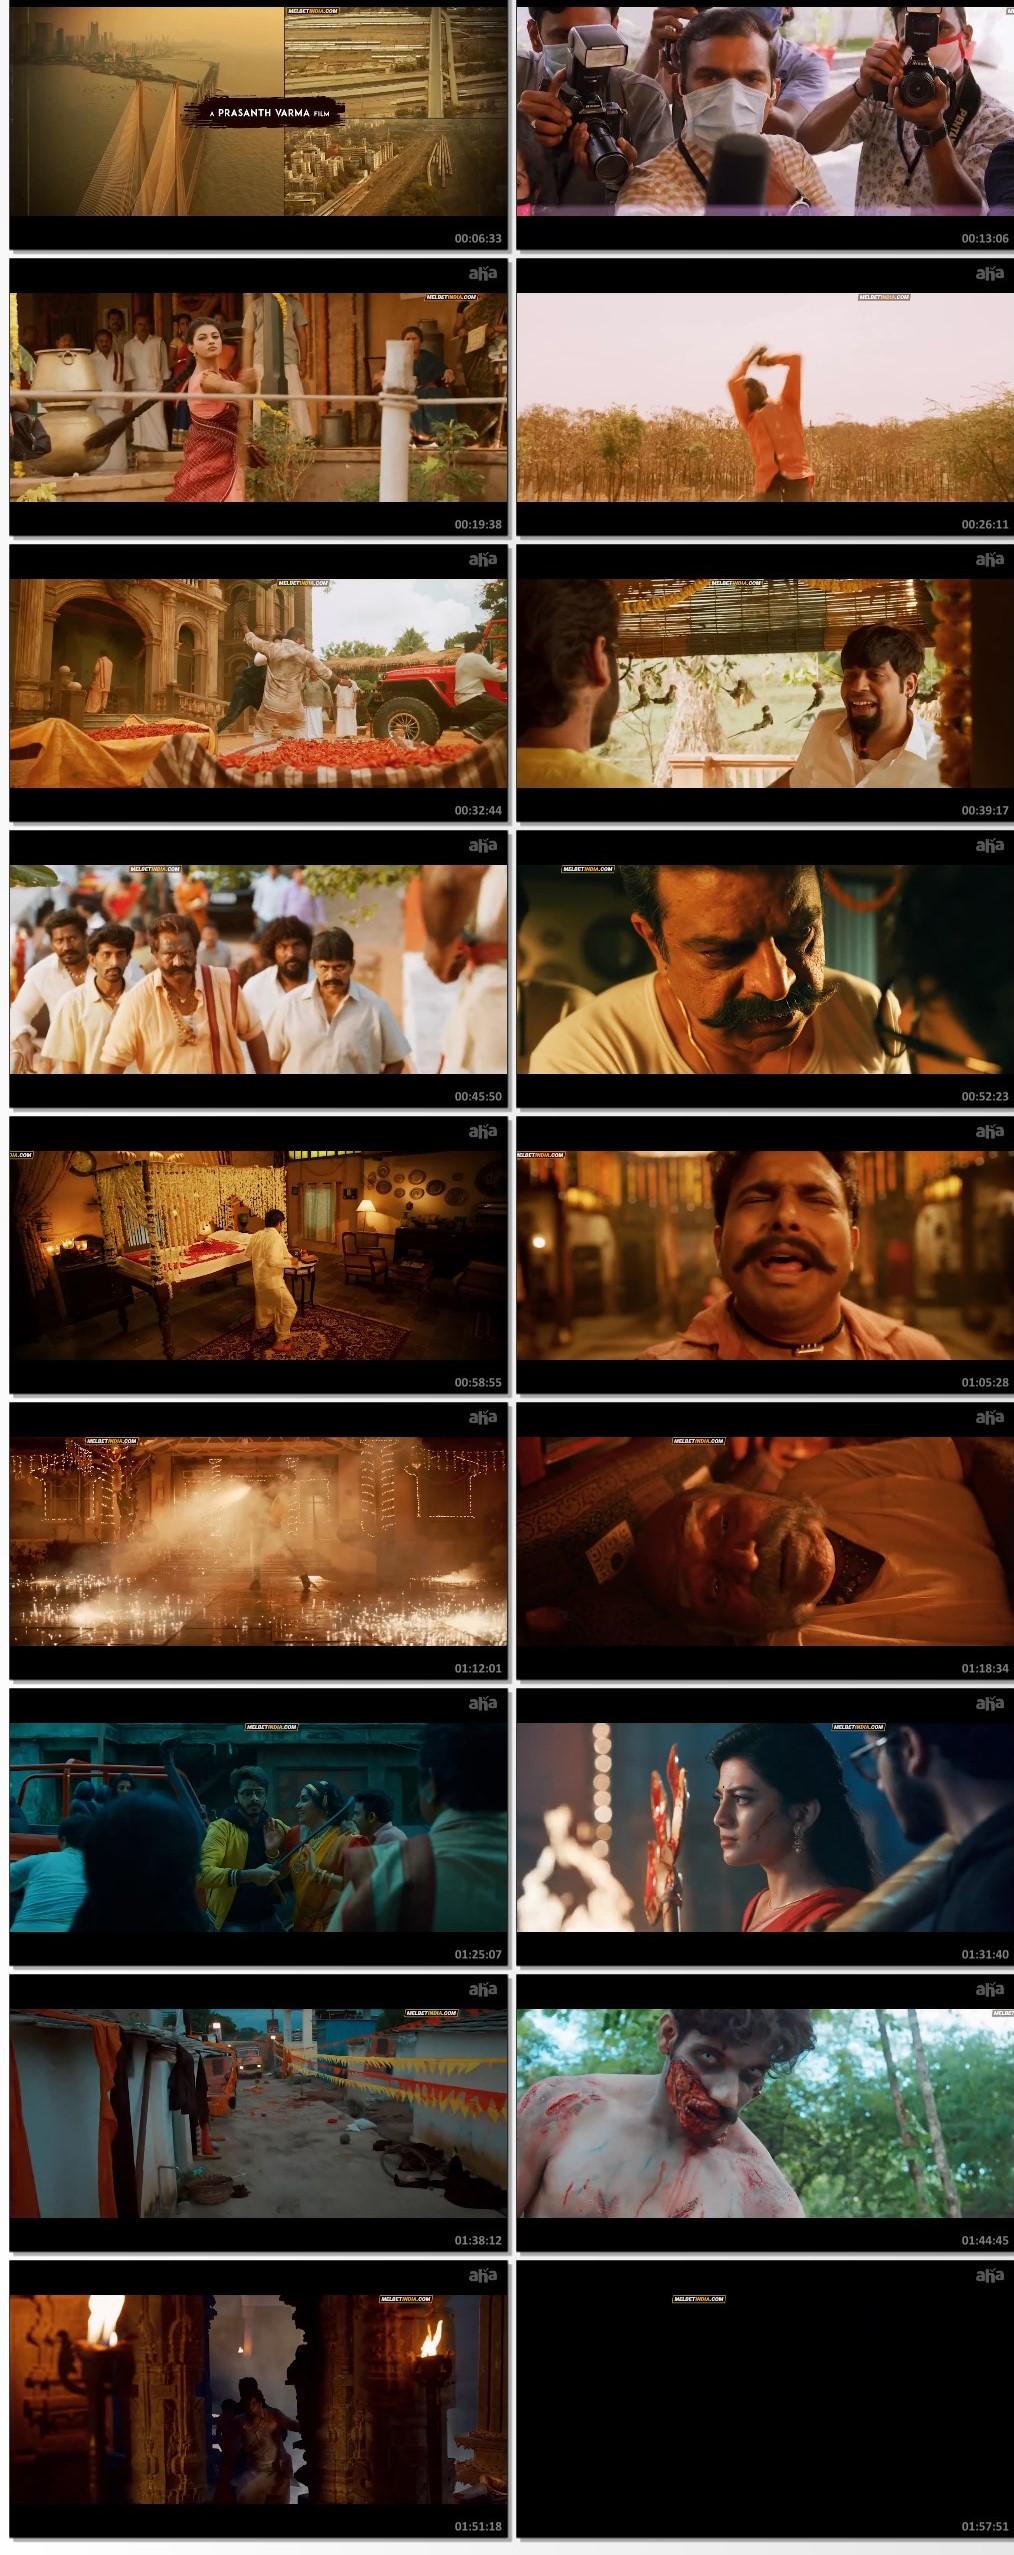 Zombie-Reddy-2021-Hindi-Dubbed-HQ-Fan-Dub-720p-UNCUT-HDRip-x264-1-3-GB-1-mkv-thumbs